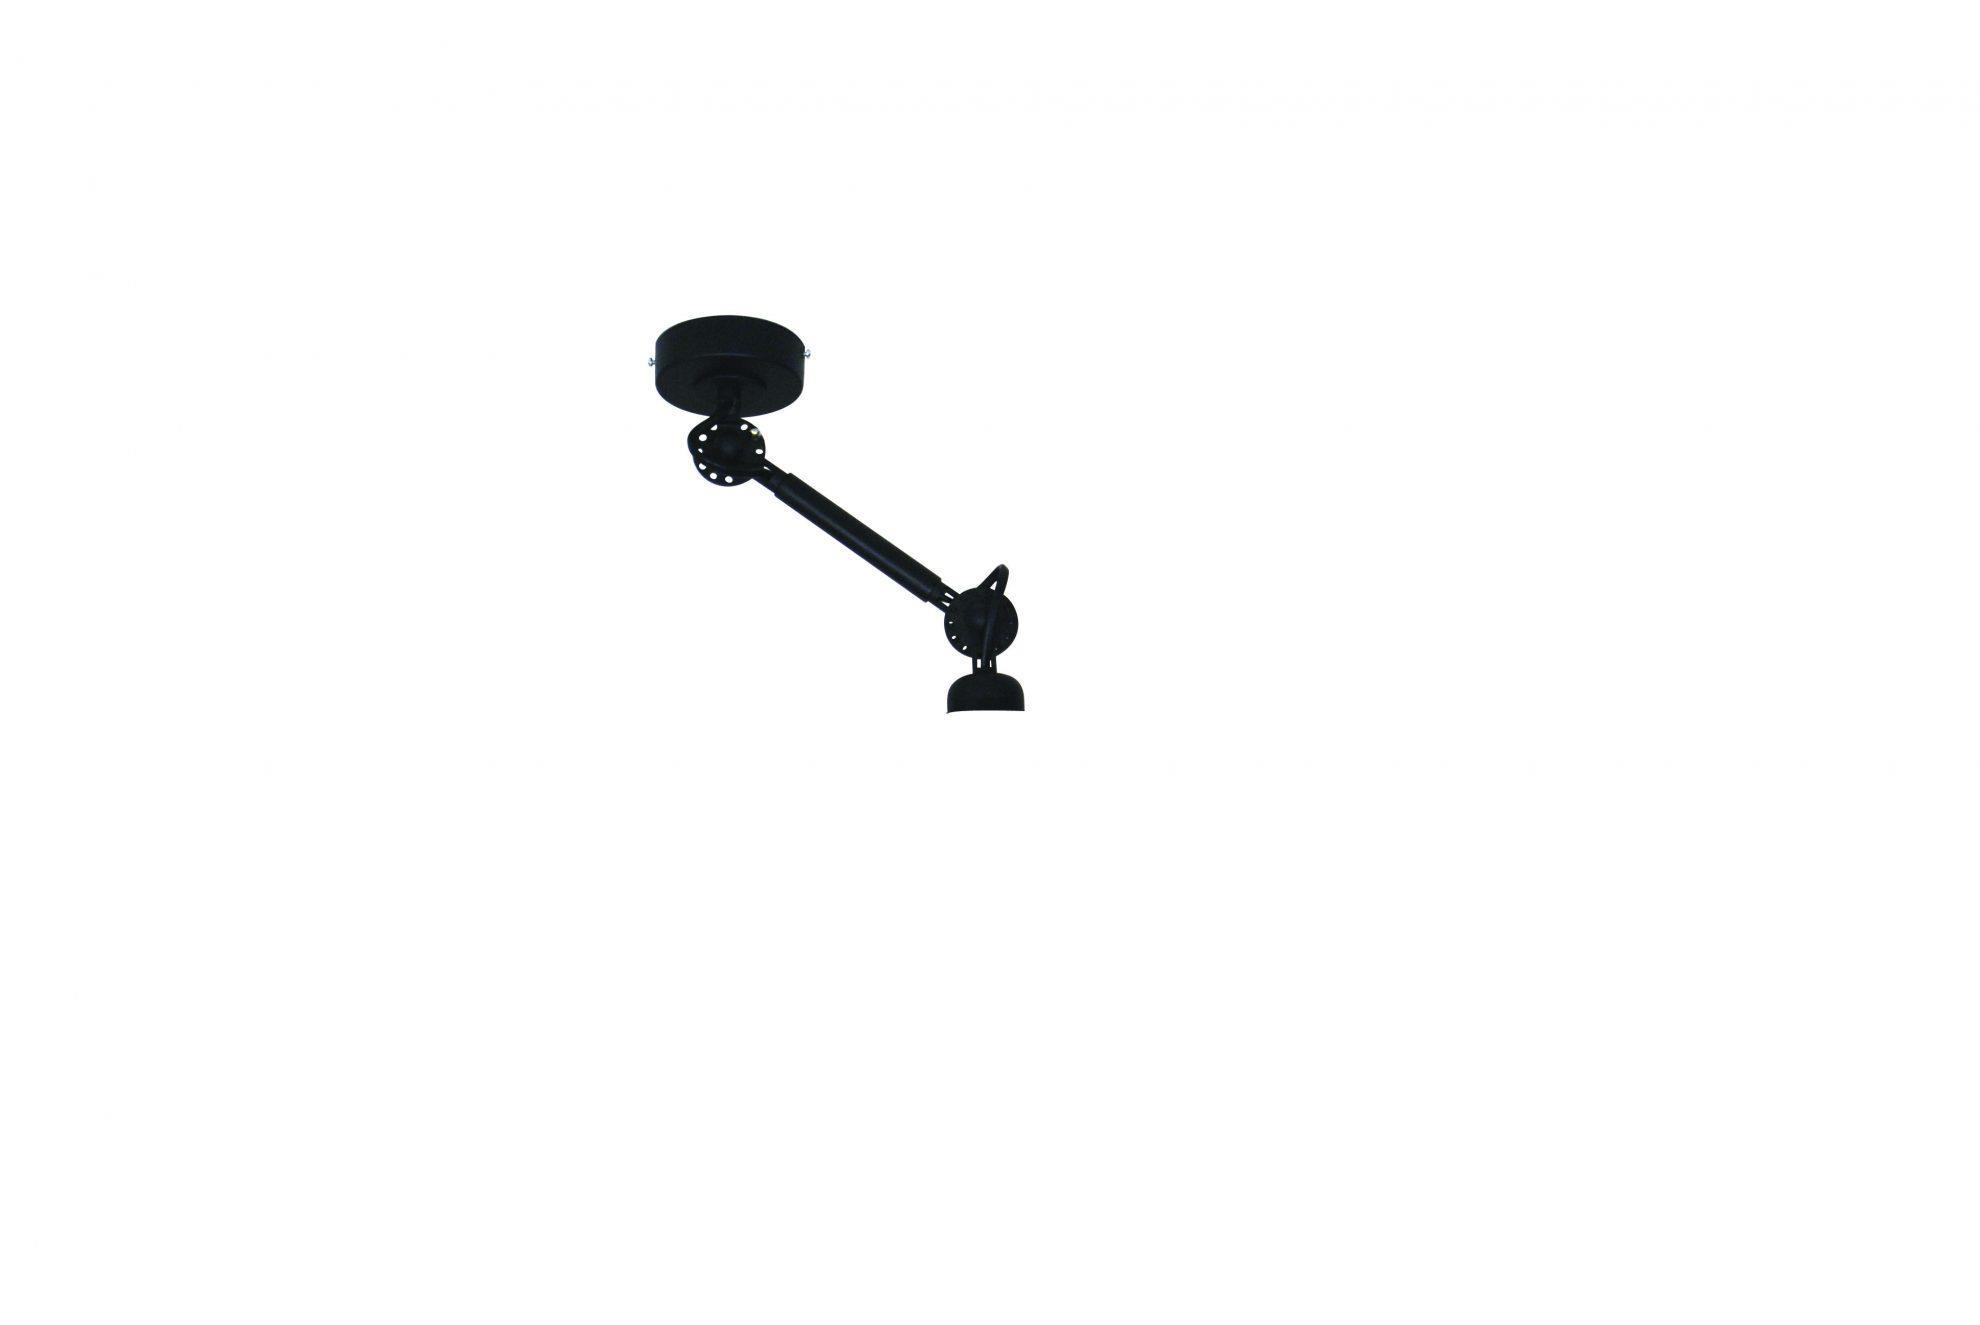 Φωτιστικό οροφής κρεμαστό μονόφωτο Focus μικρό μεταλλικό μαύρο 20x8cm Home Lighting 77-3298